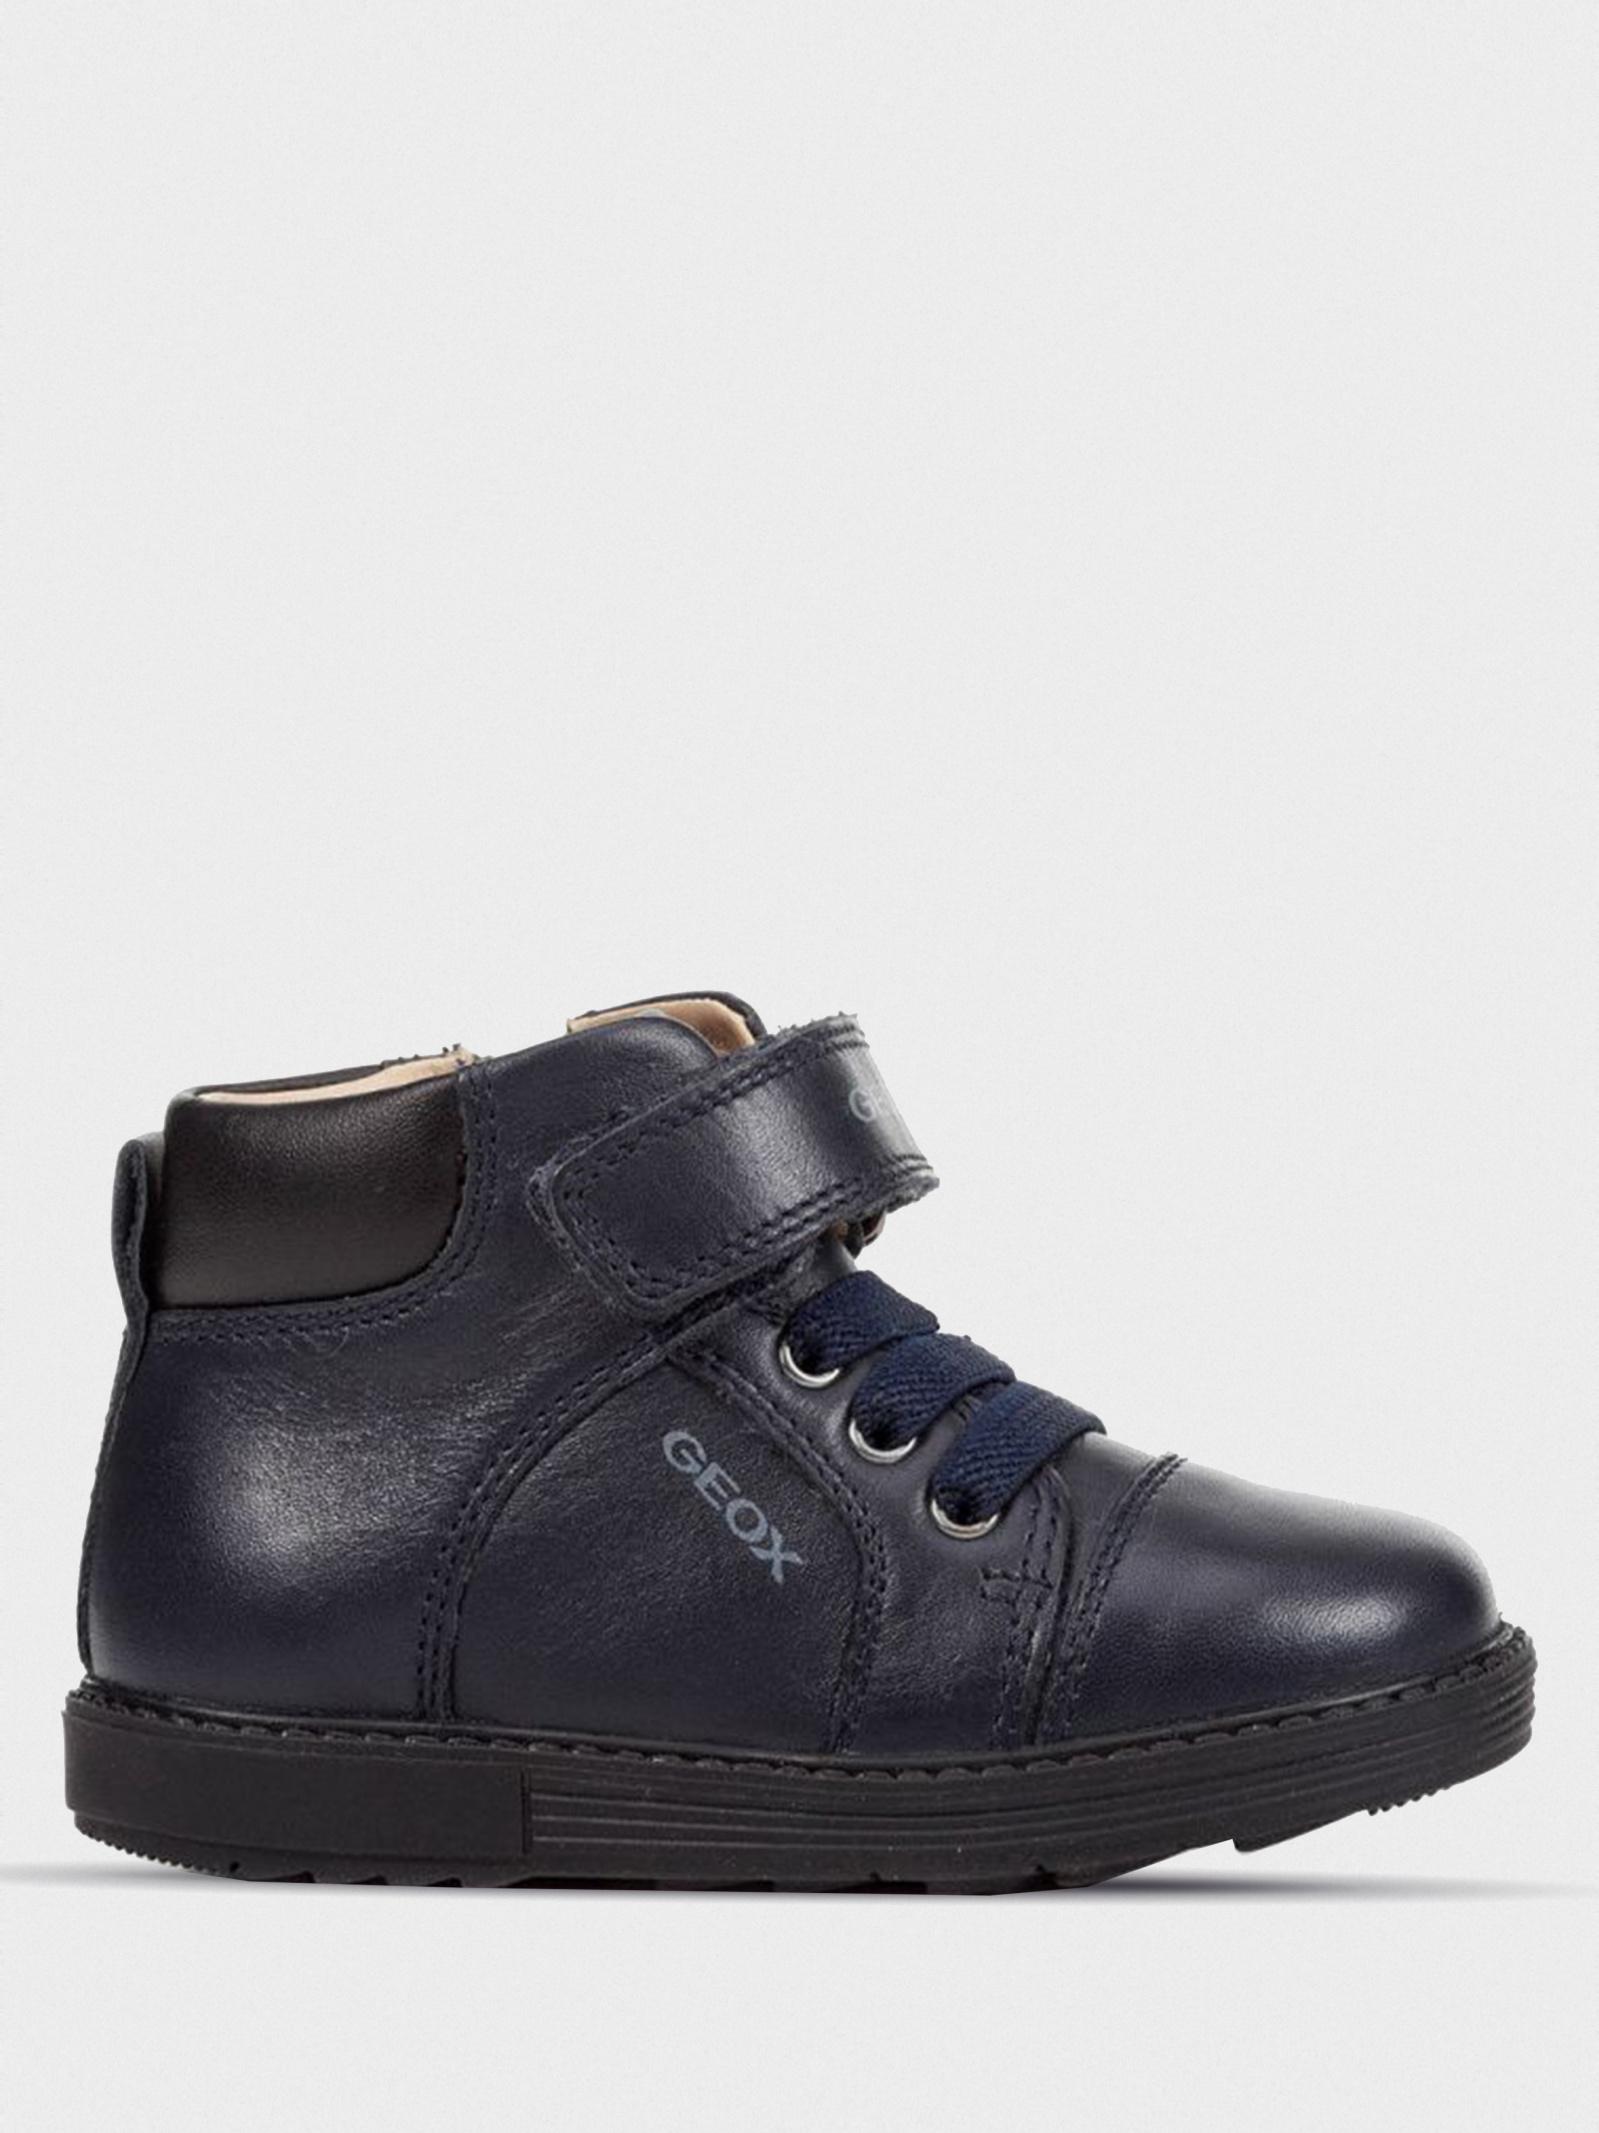 Ботинки детские Geox B HYNDE BOY B842EA-00085-C4021 купить, 2017